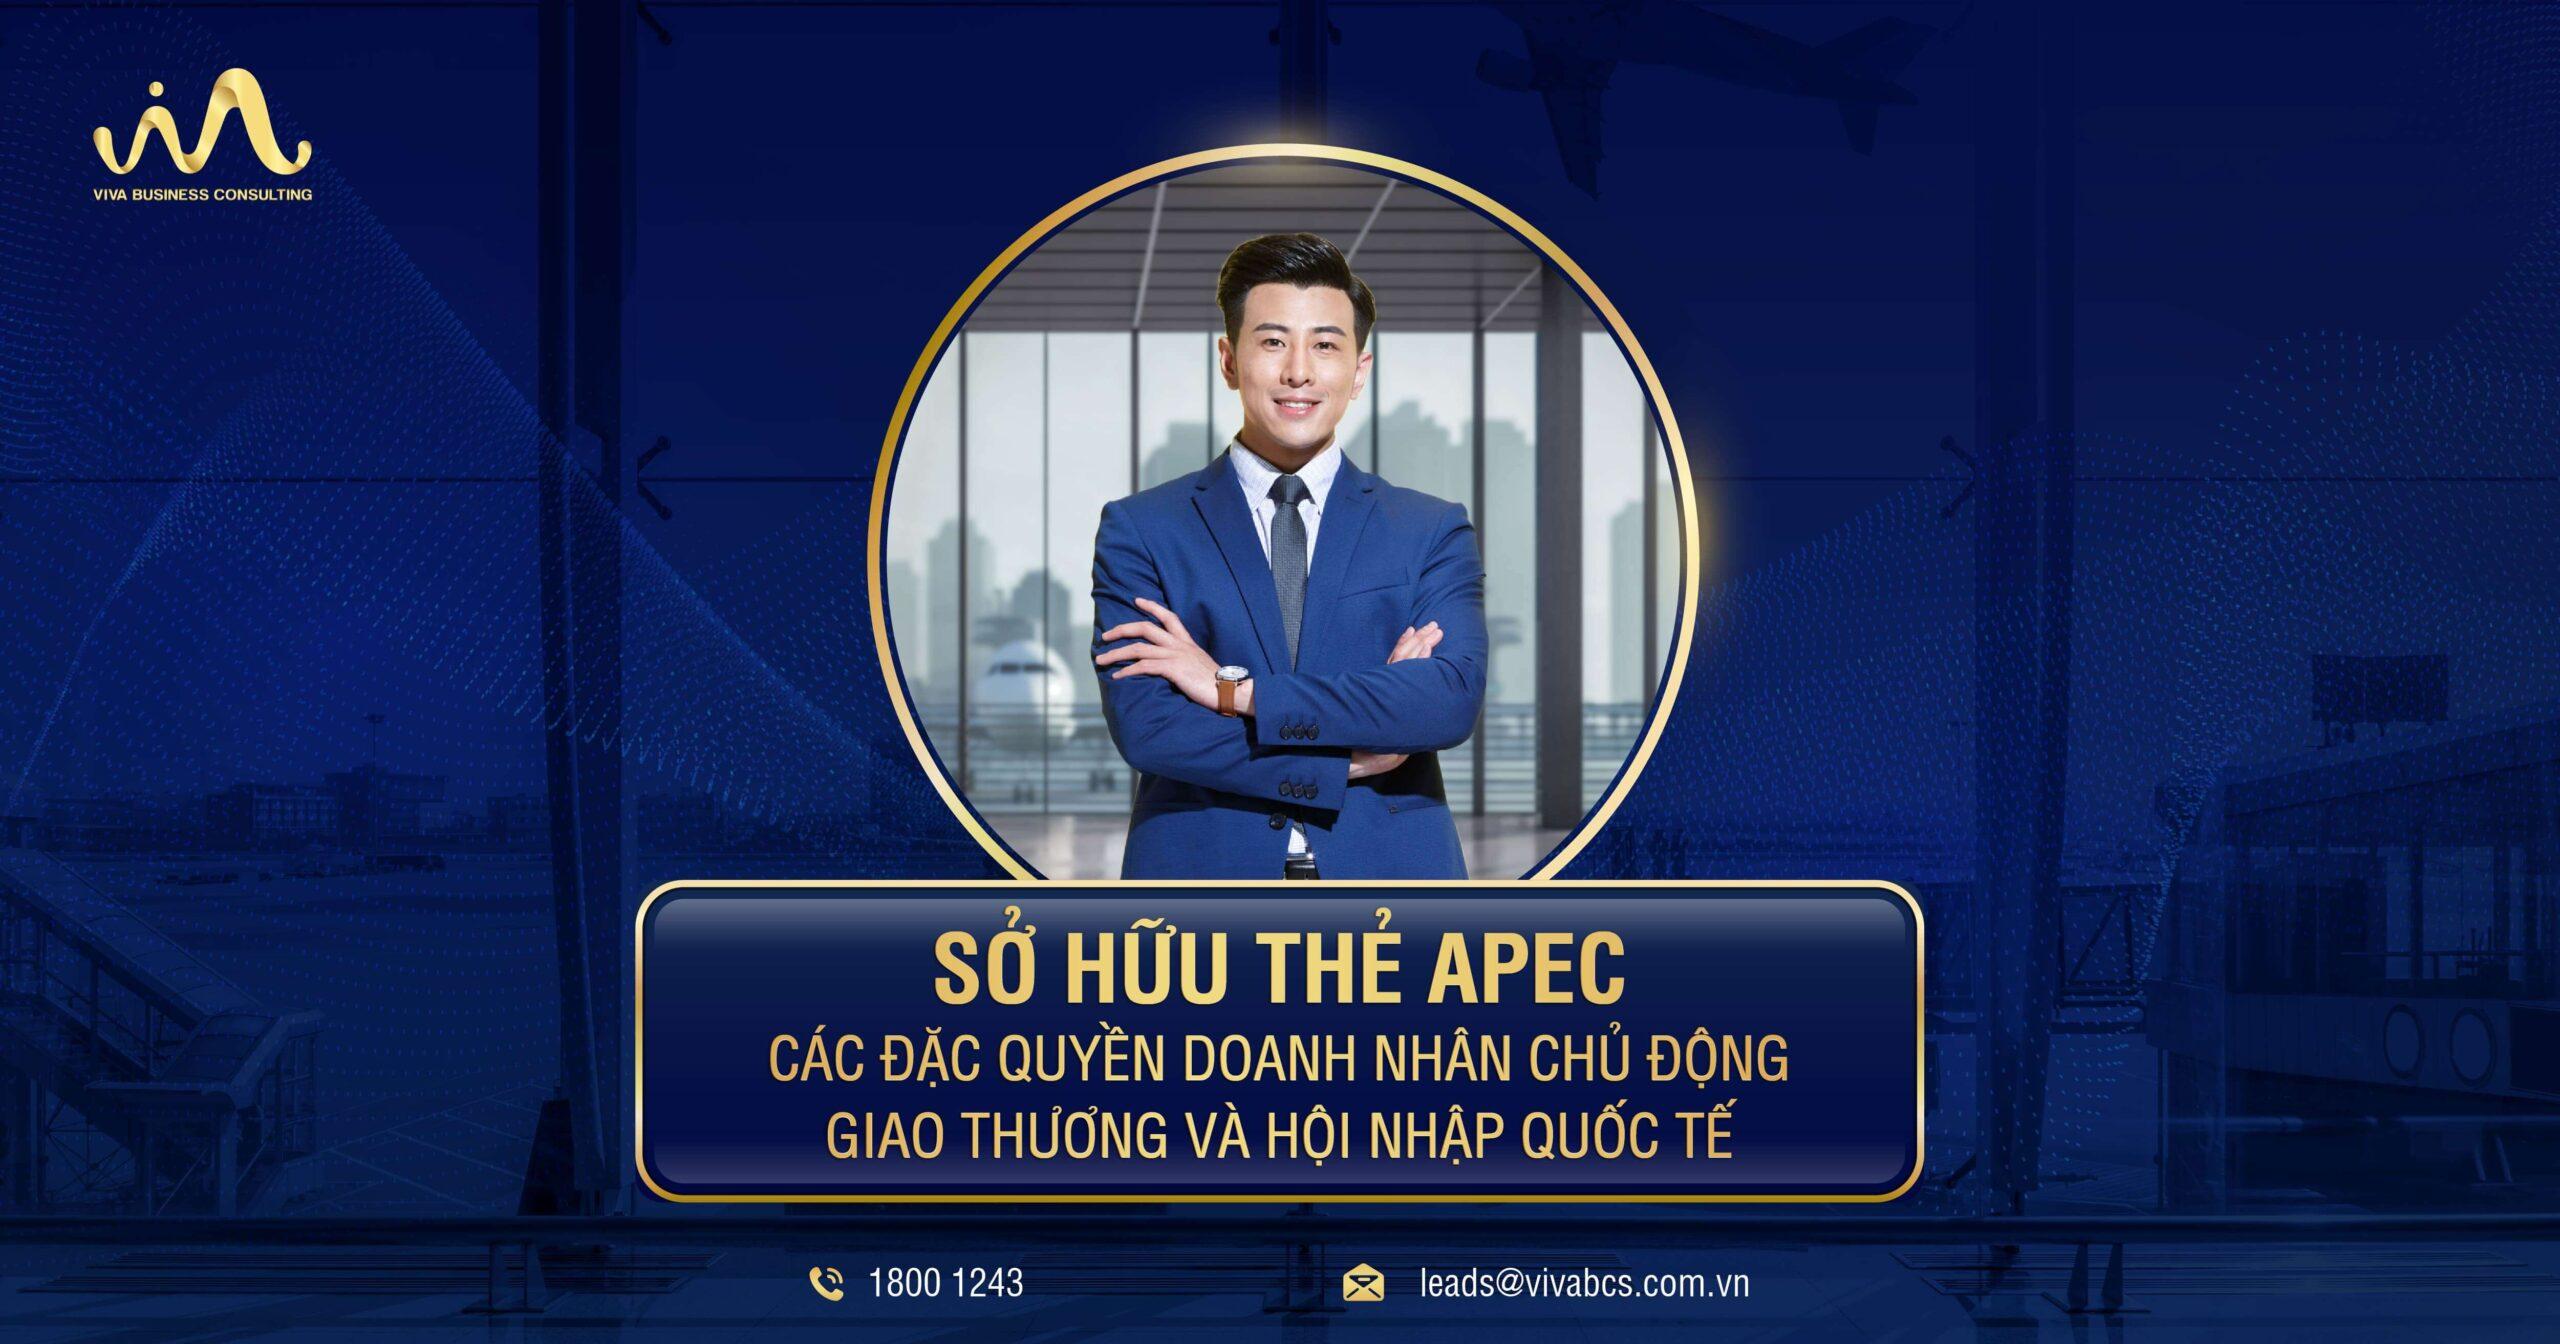 Thẻ APEC và đặc quyền dành cho doanh nhân Việt